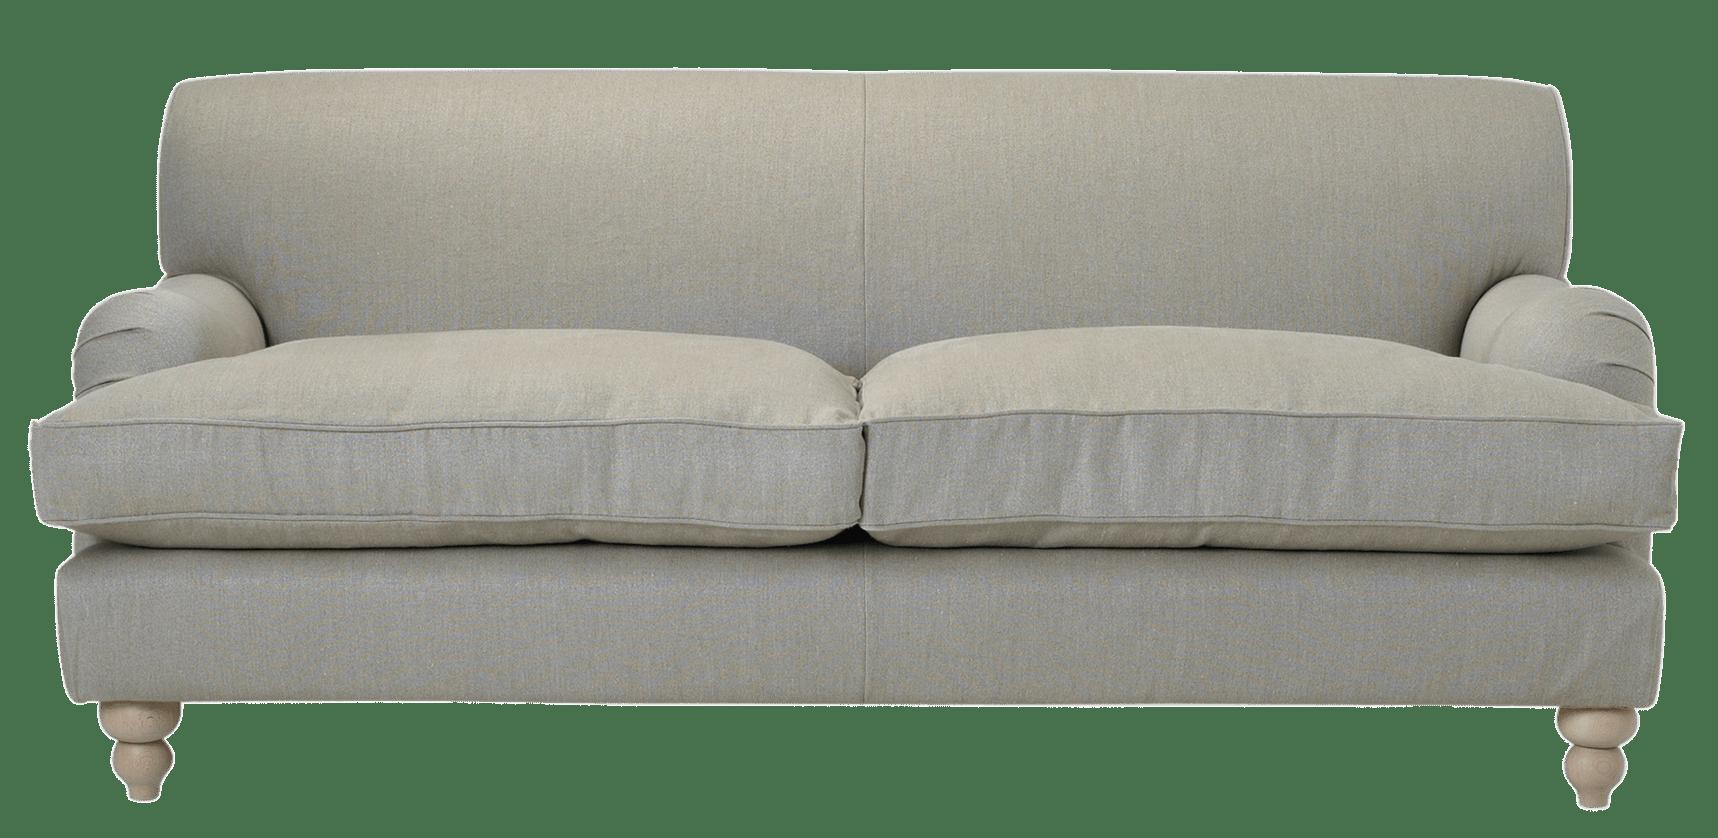 sofa set png images stickley mission sleeper image